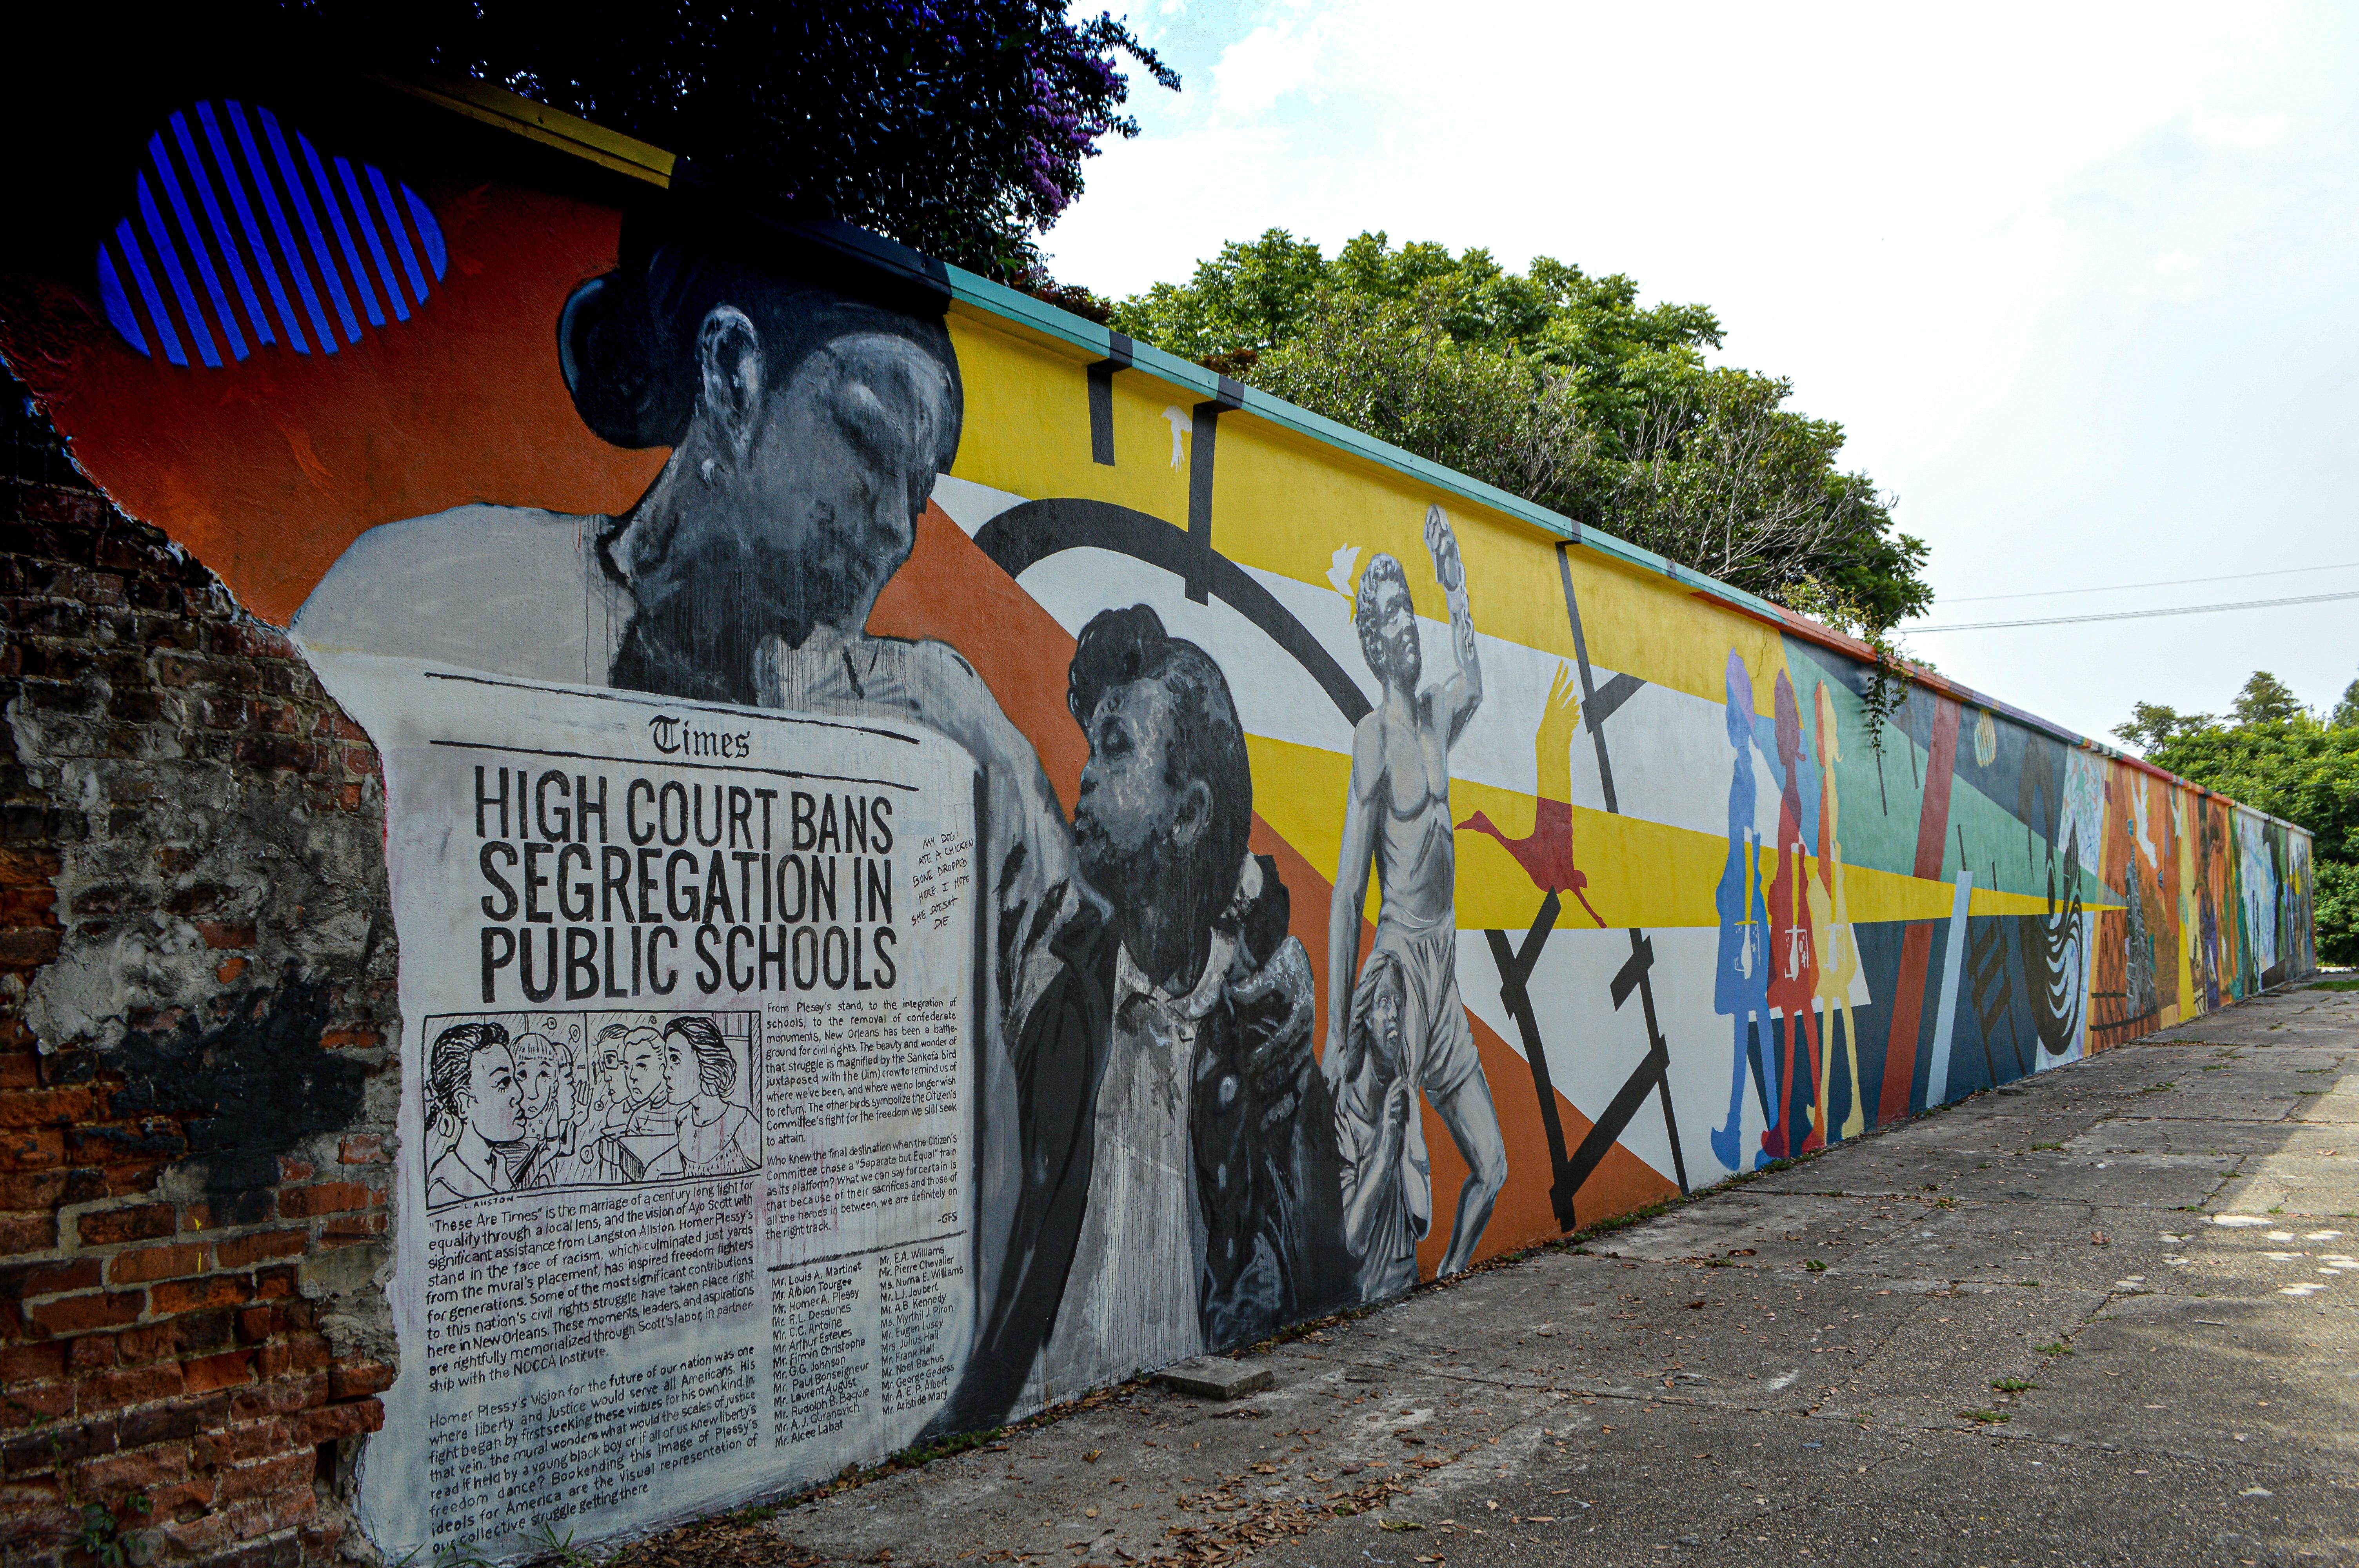 NOLA Street Art